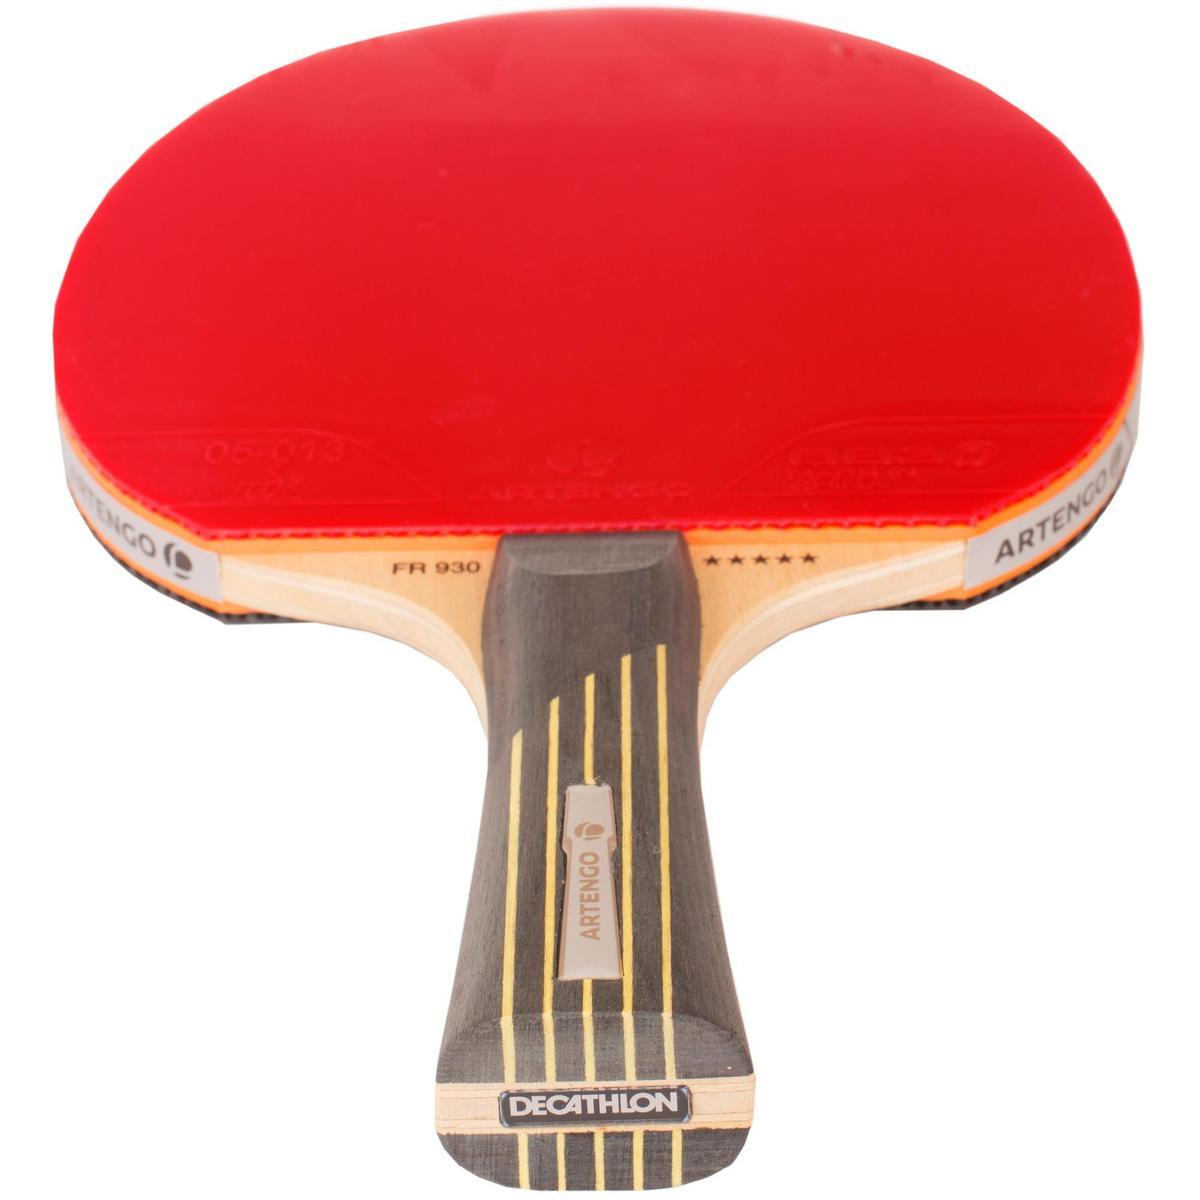 Bild 3 von Tischtennisschläger FR 930 5*